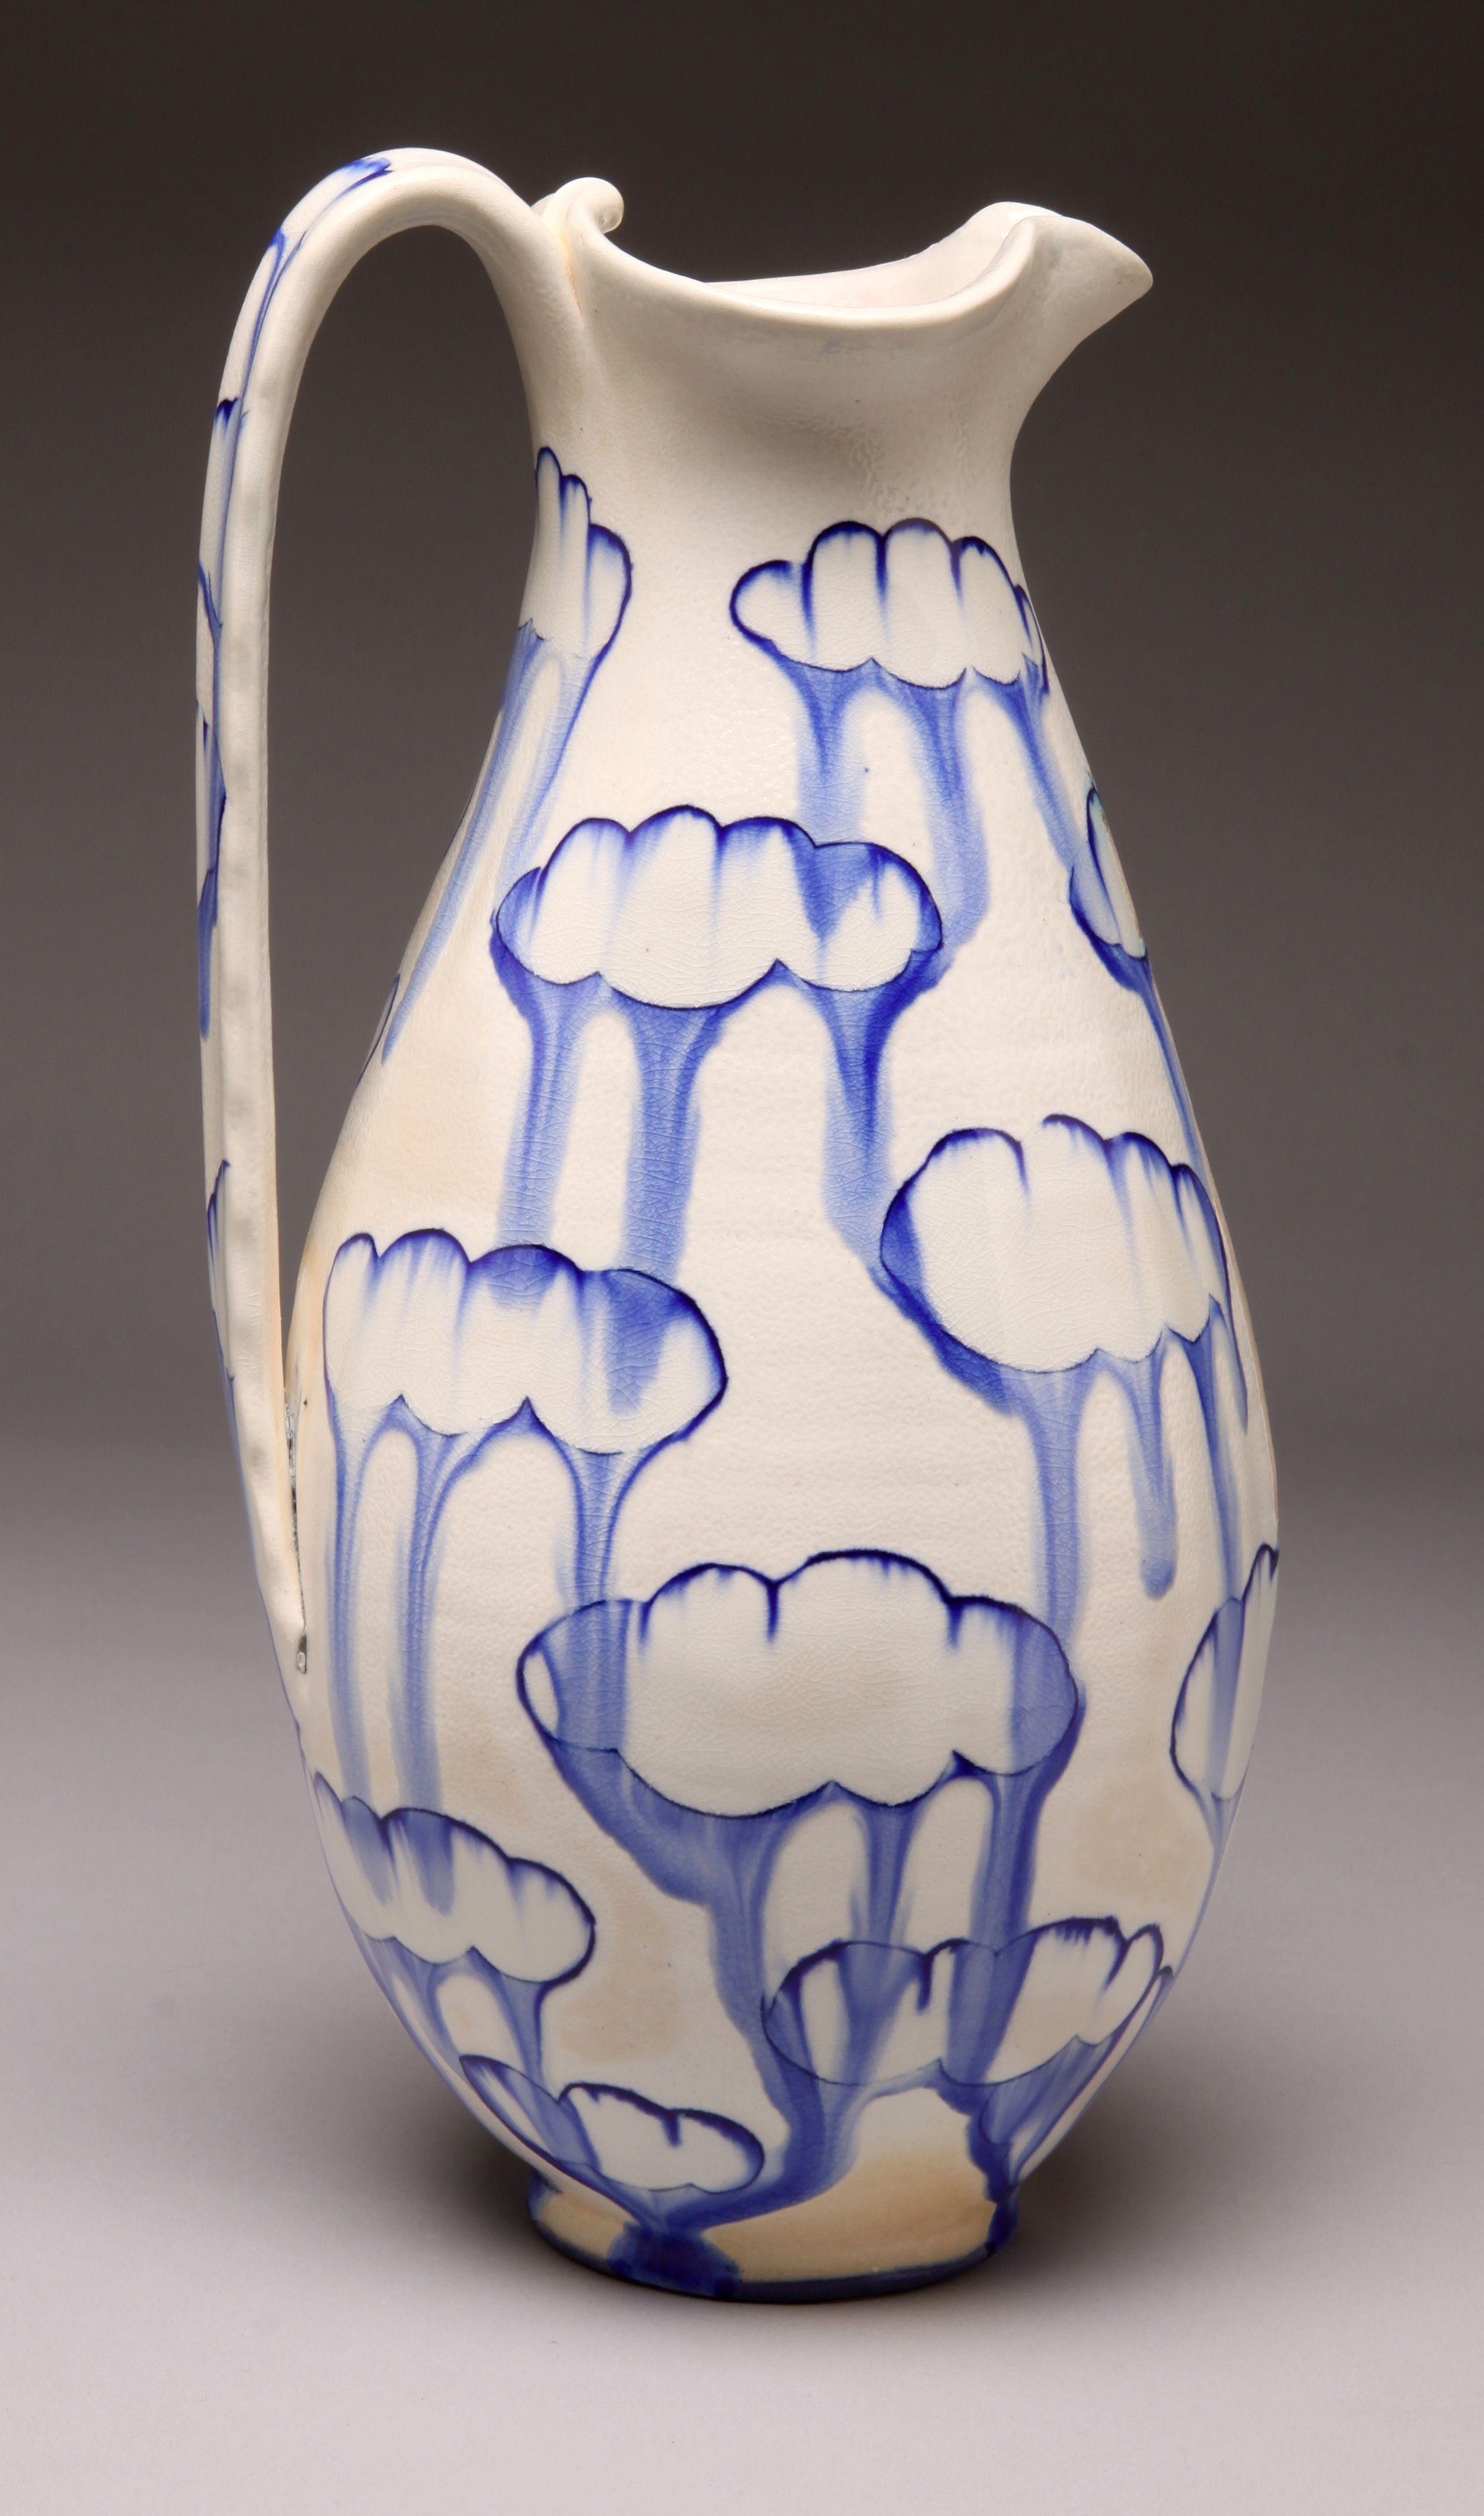 Decorative Functional Ceramics Ceramic Arts Daily Ceramic Art